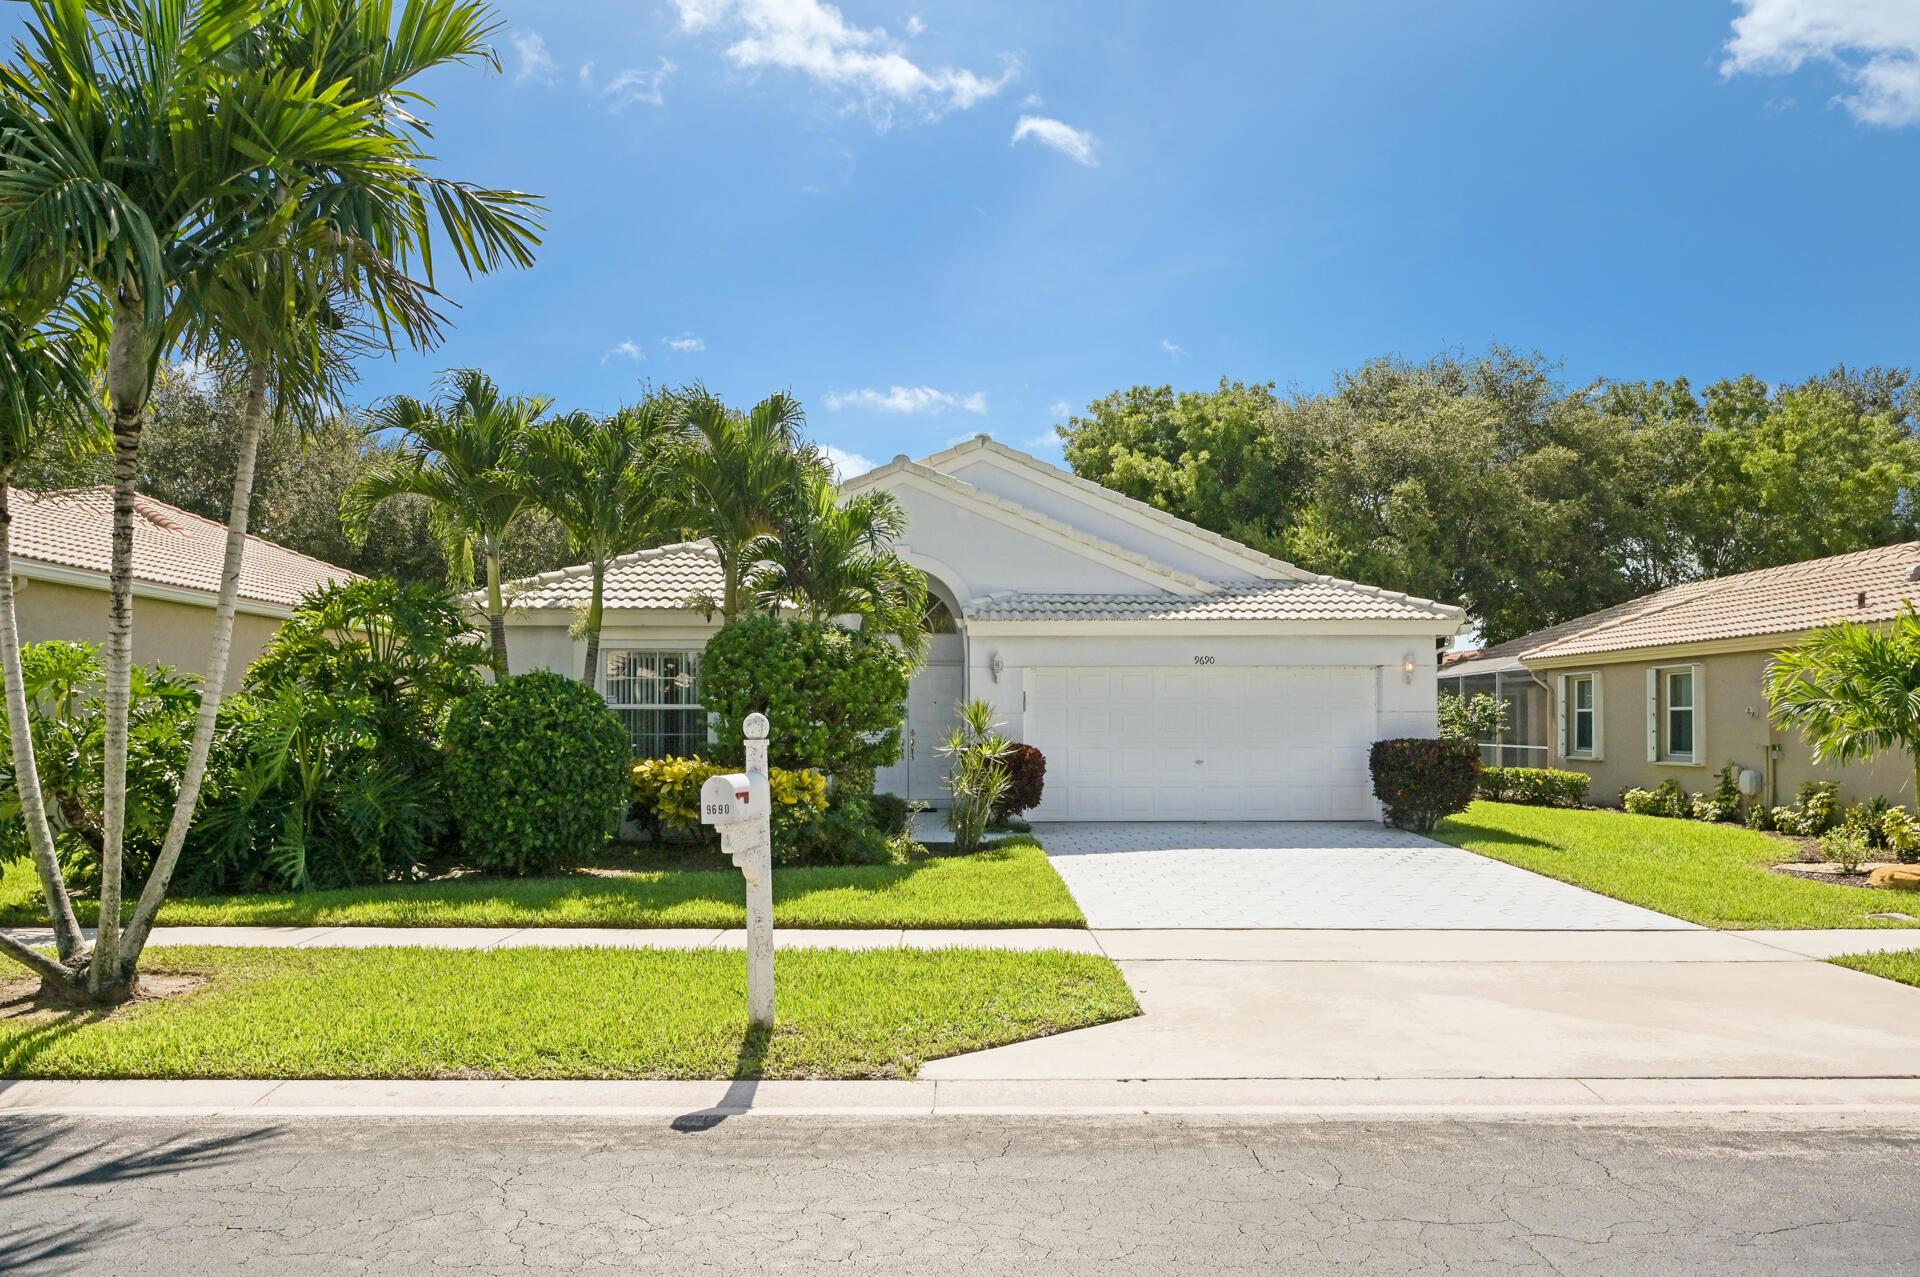 9690 Arbor View Drive Boynton Beach, FL 33437